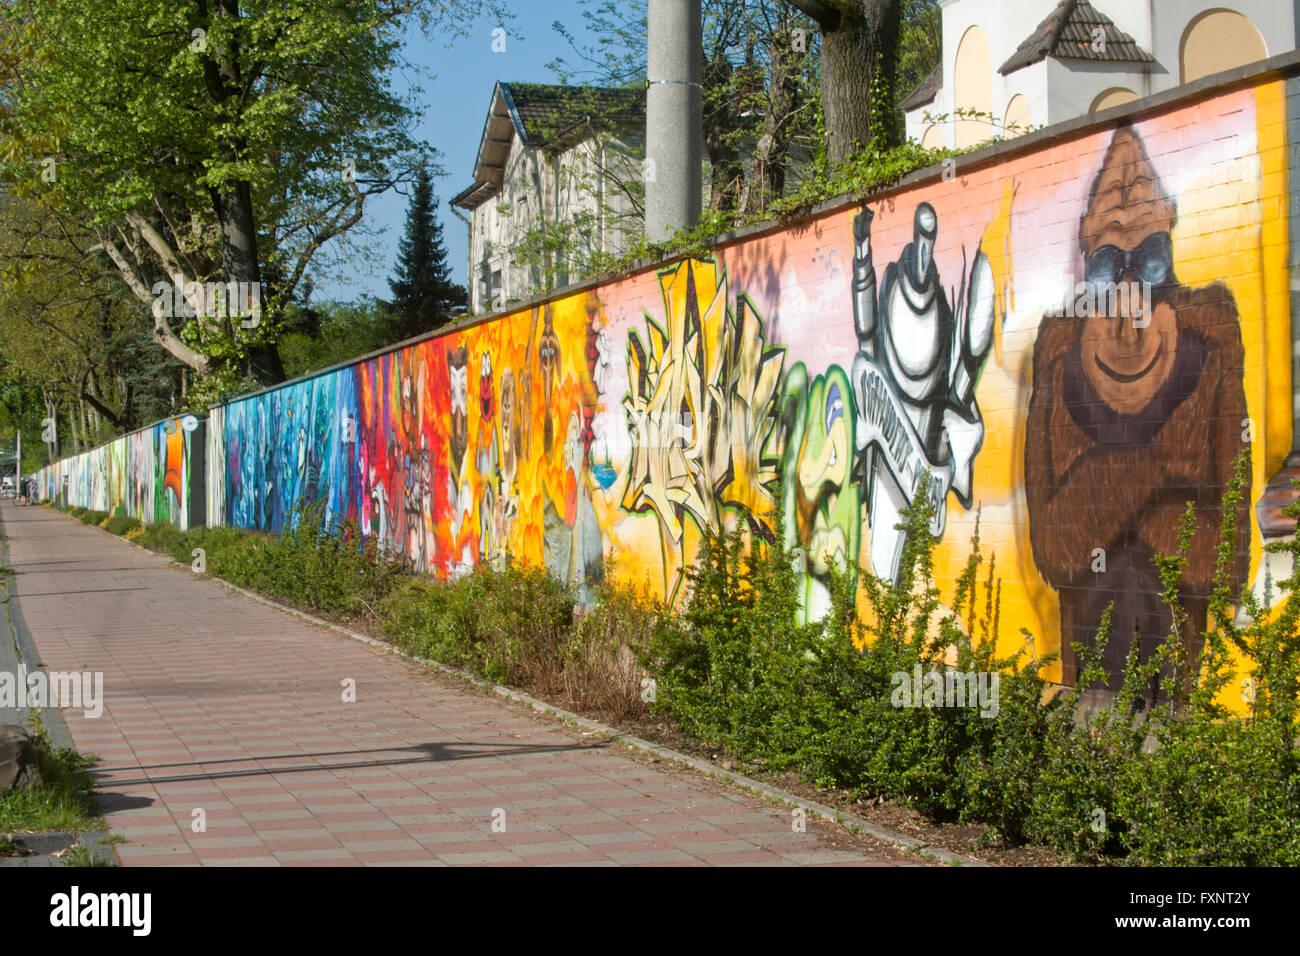 Deutschland, Köln, Riehl, Riehler Strasse, Zoo-ARTgerecht - gesprühte Kunst für den Kölner Zoo ein Wettbewerb im April 2011 vers Stock Photo